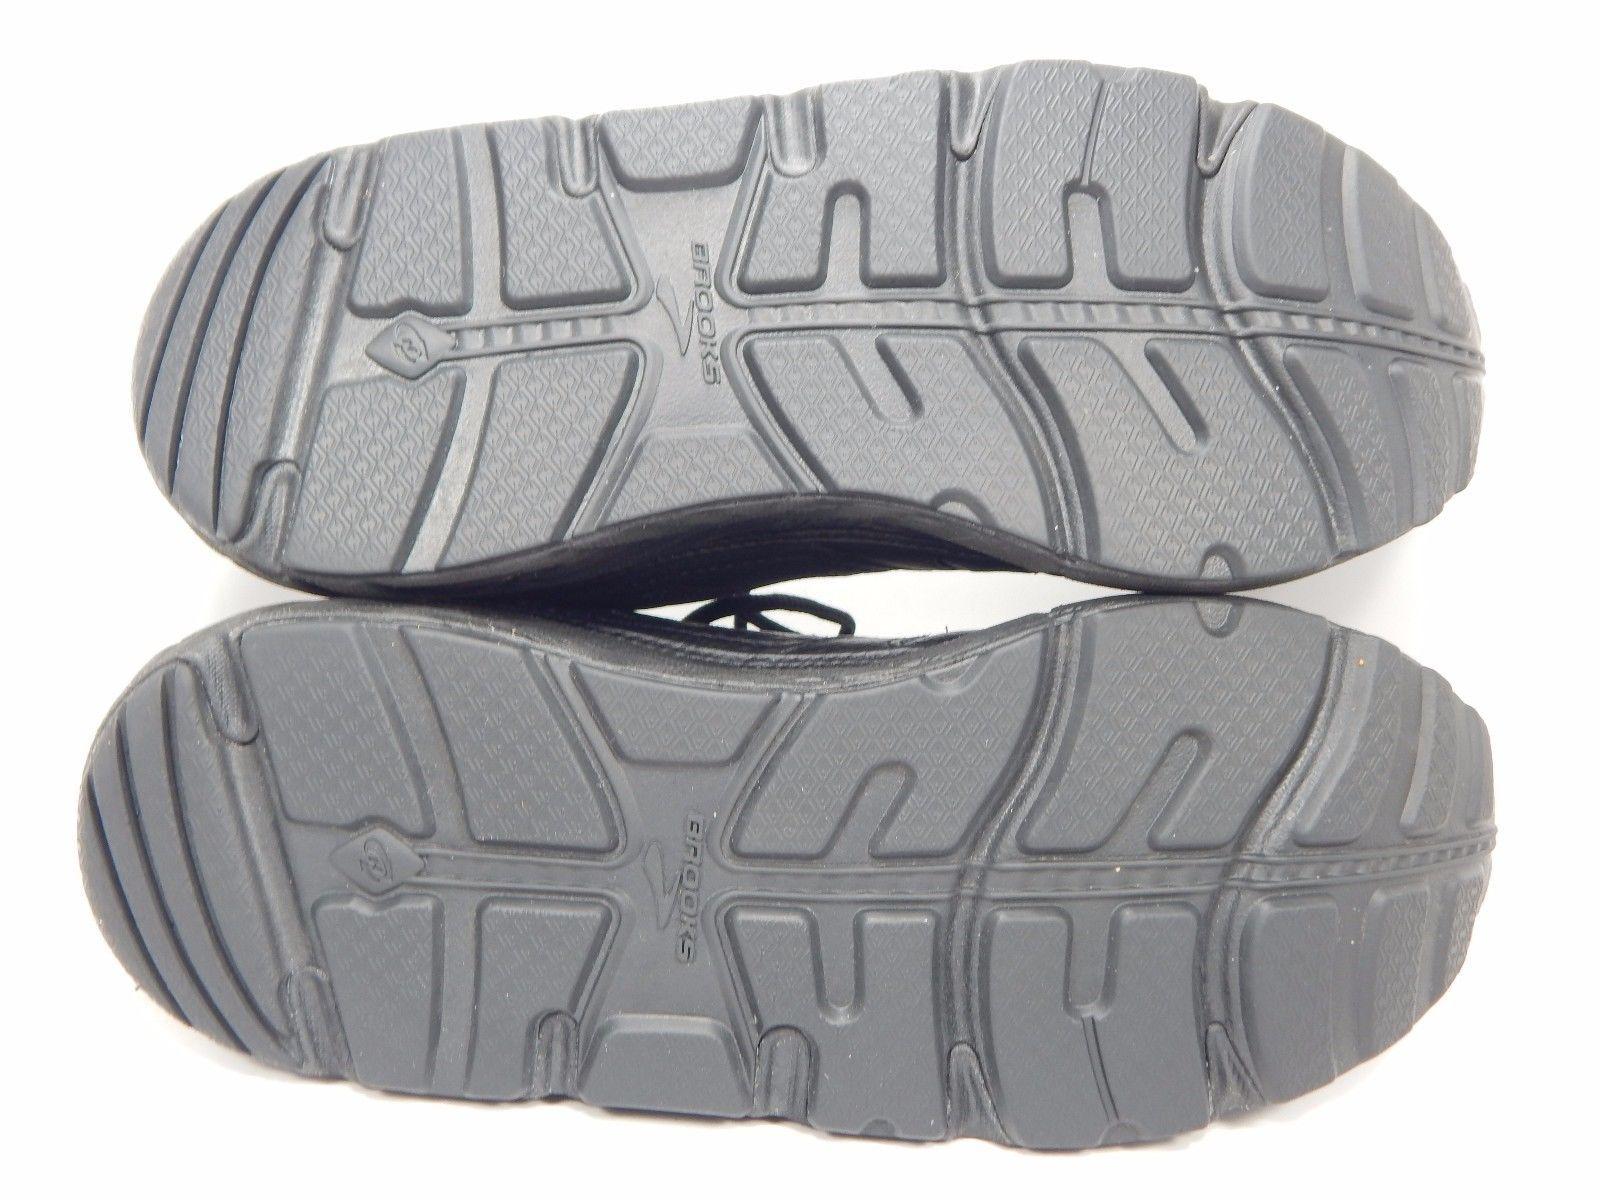 MISMATCH Brooks Addiction Walker Women's Shoes Size 11.5 2A Left & 10 2A Right